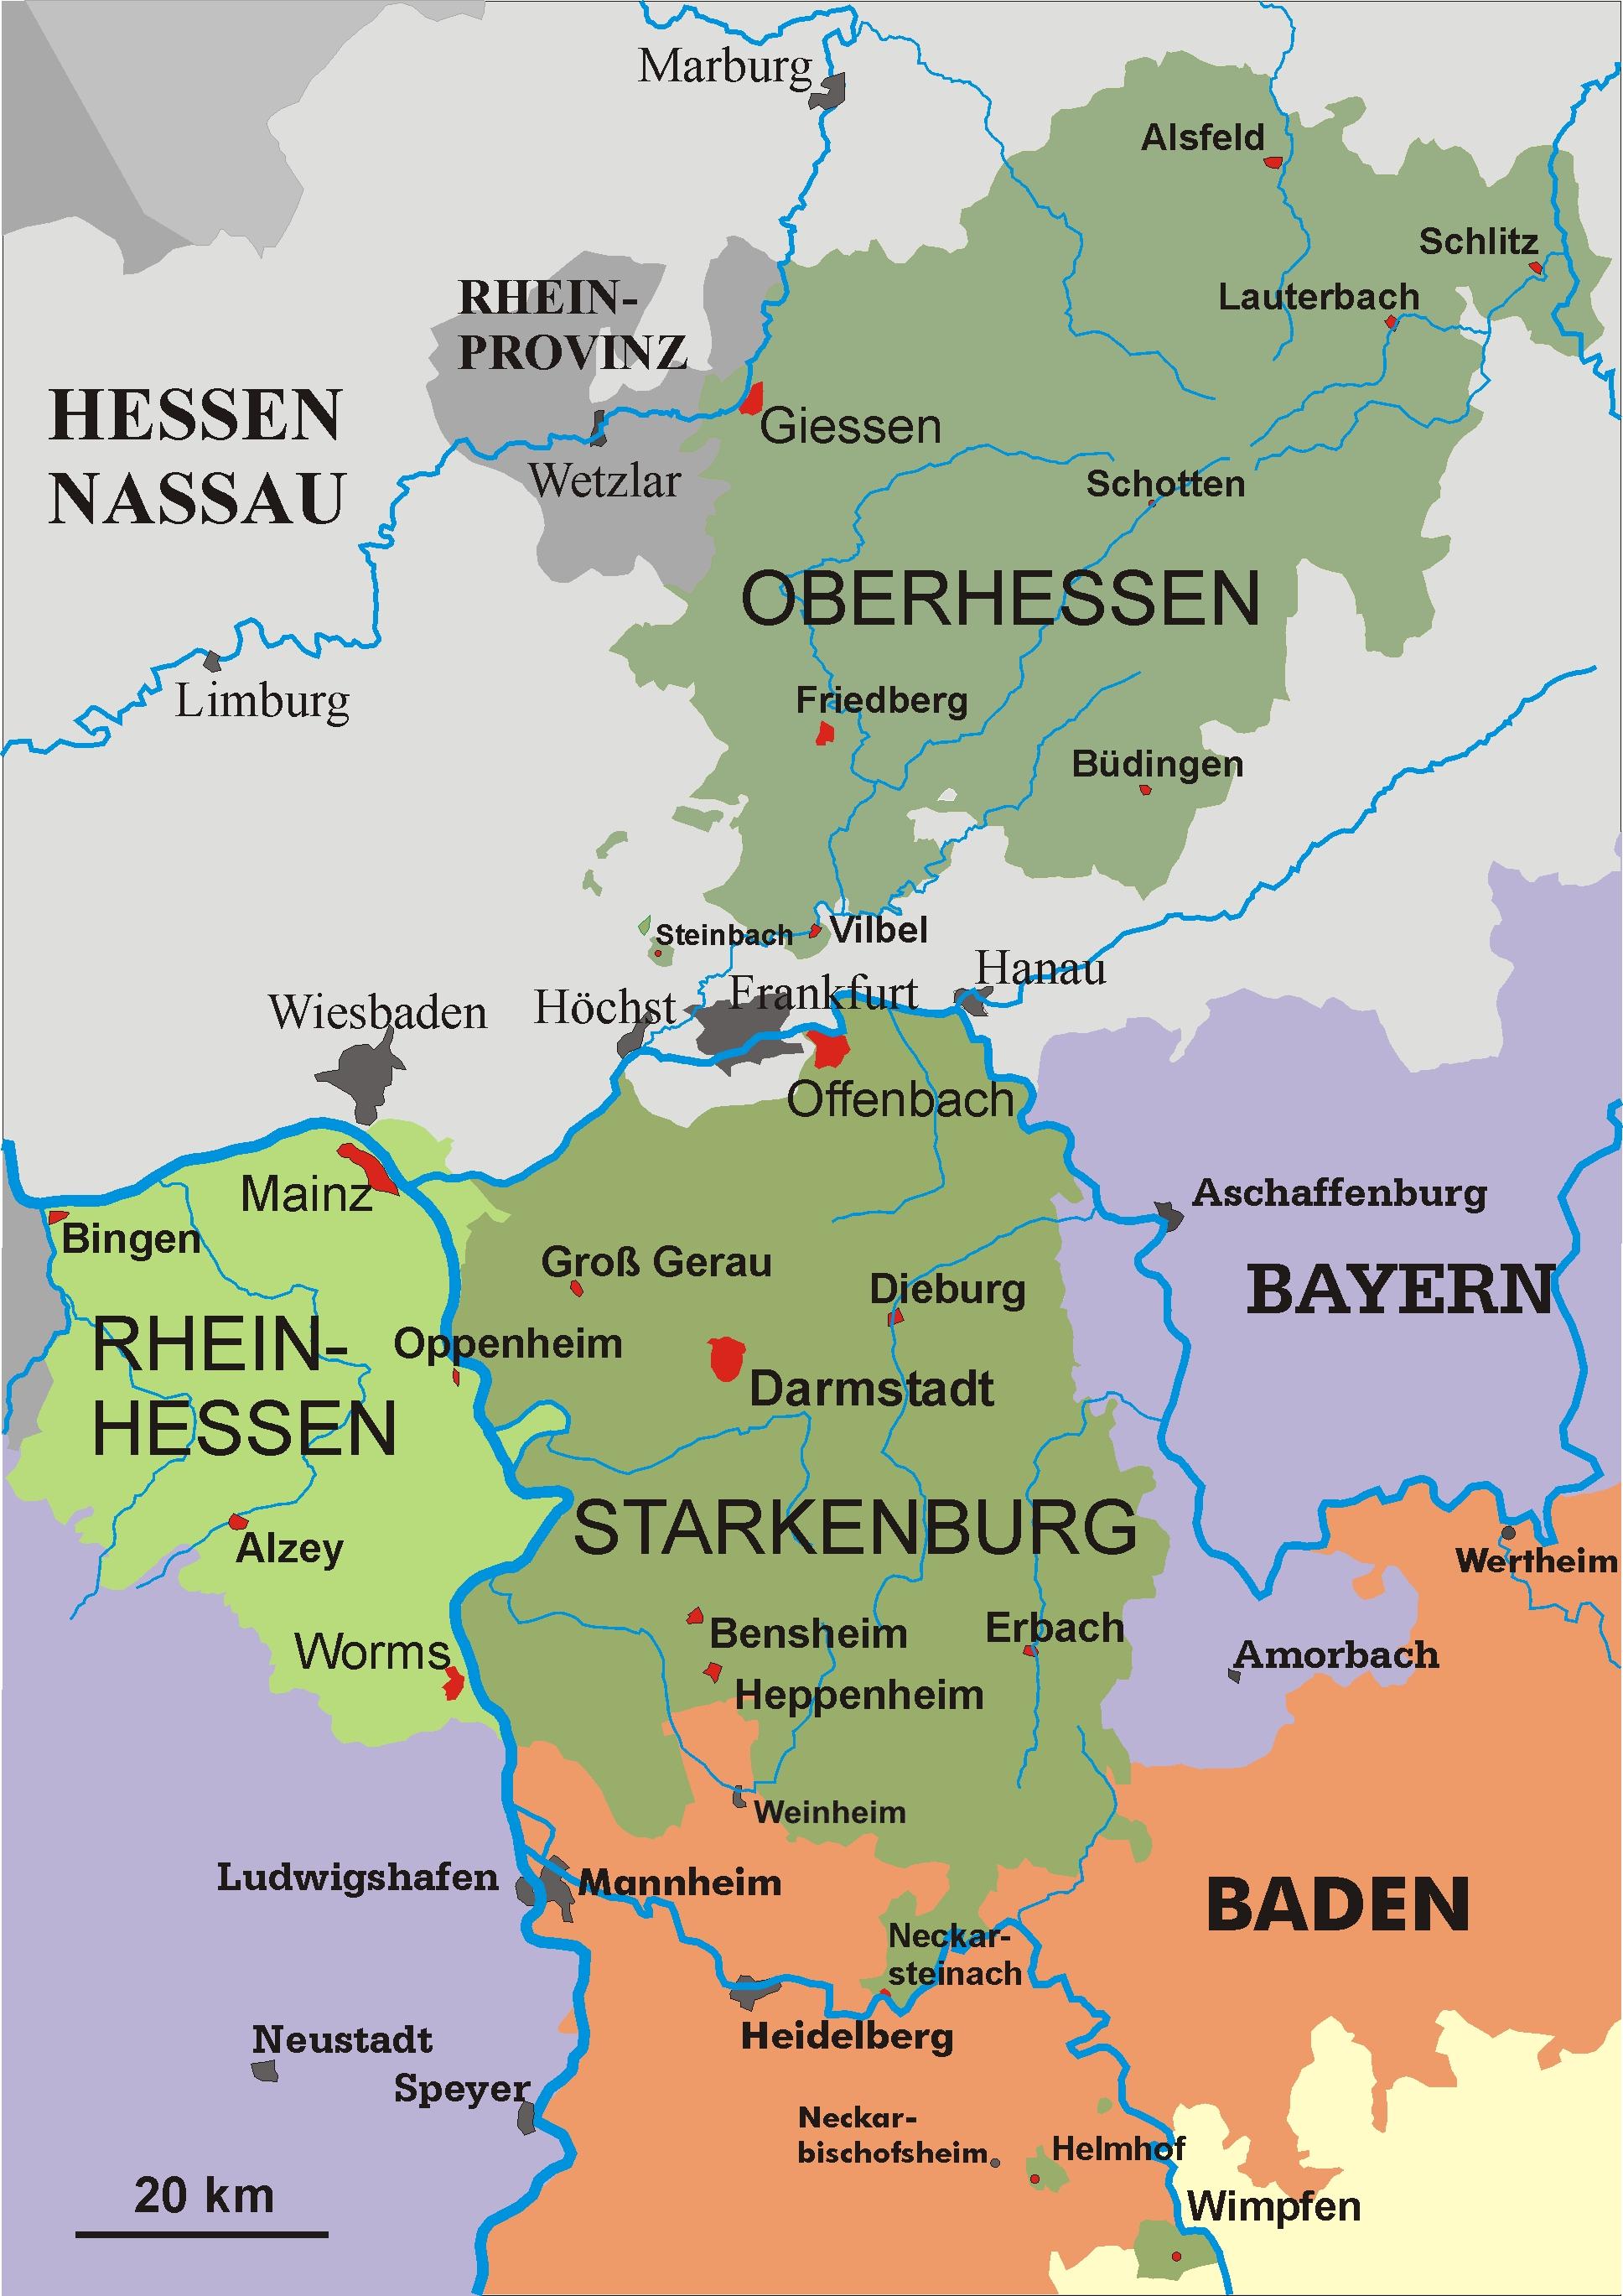 Hessen Hessen